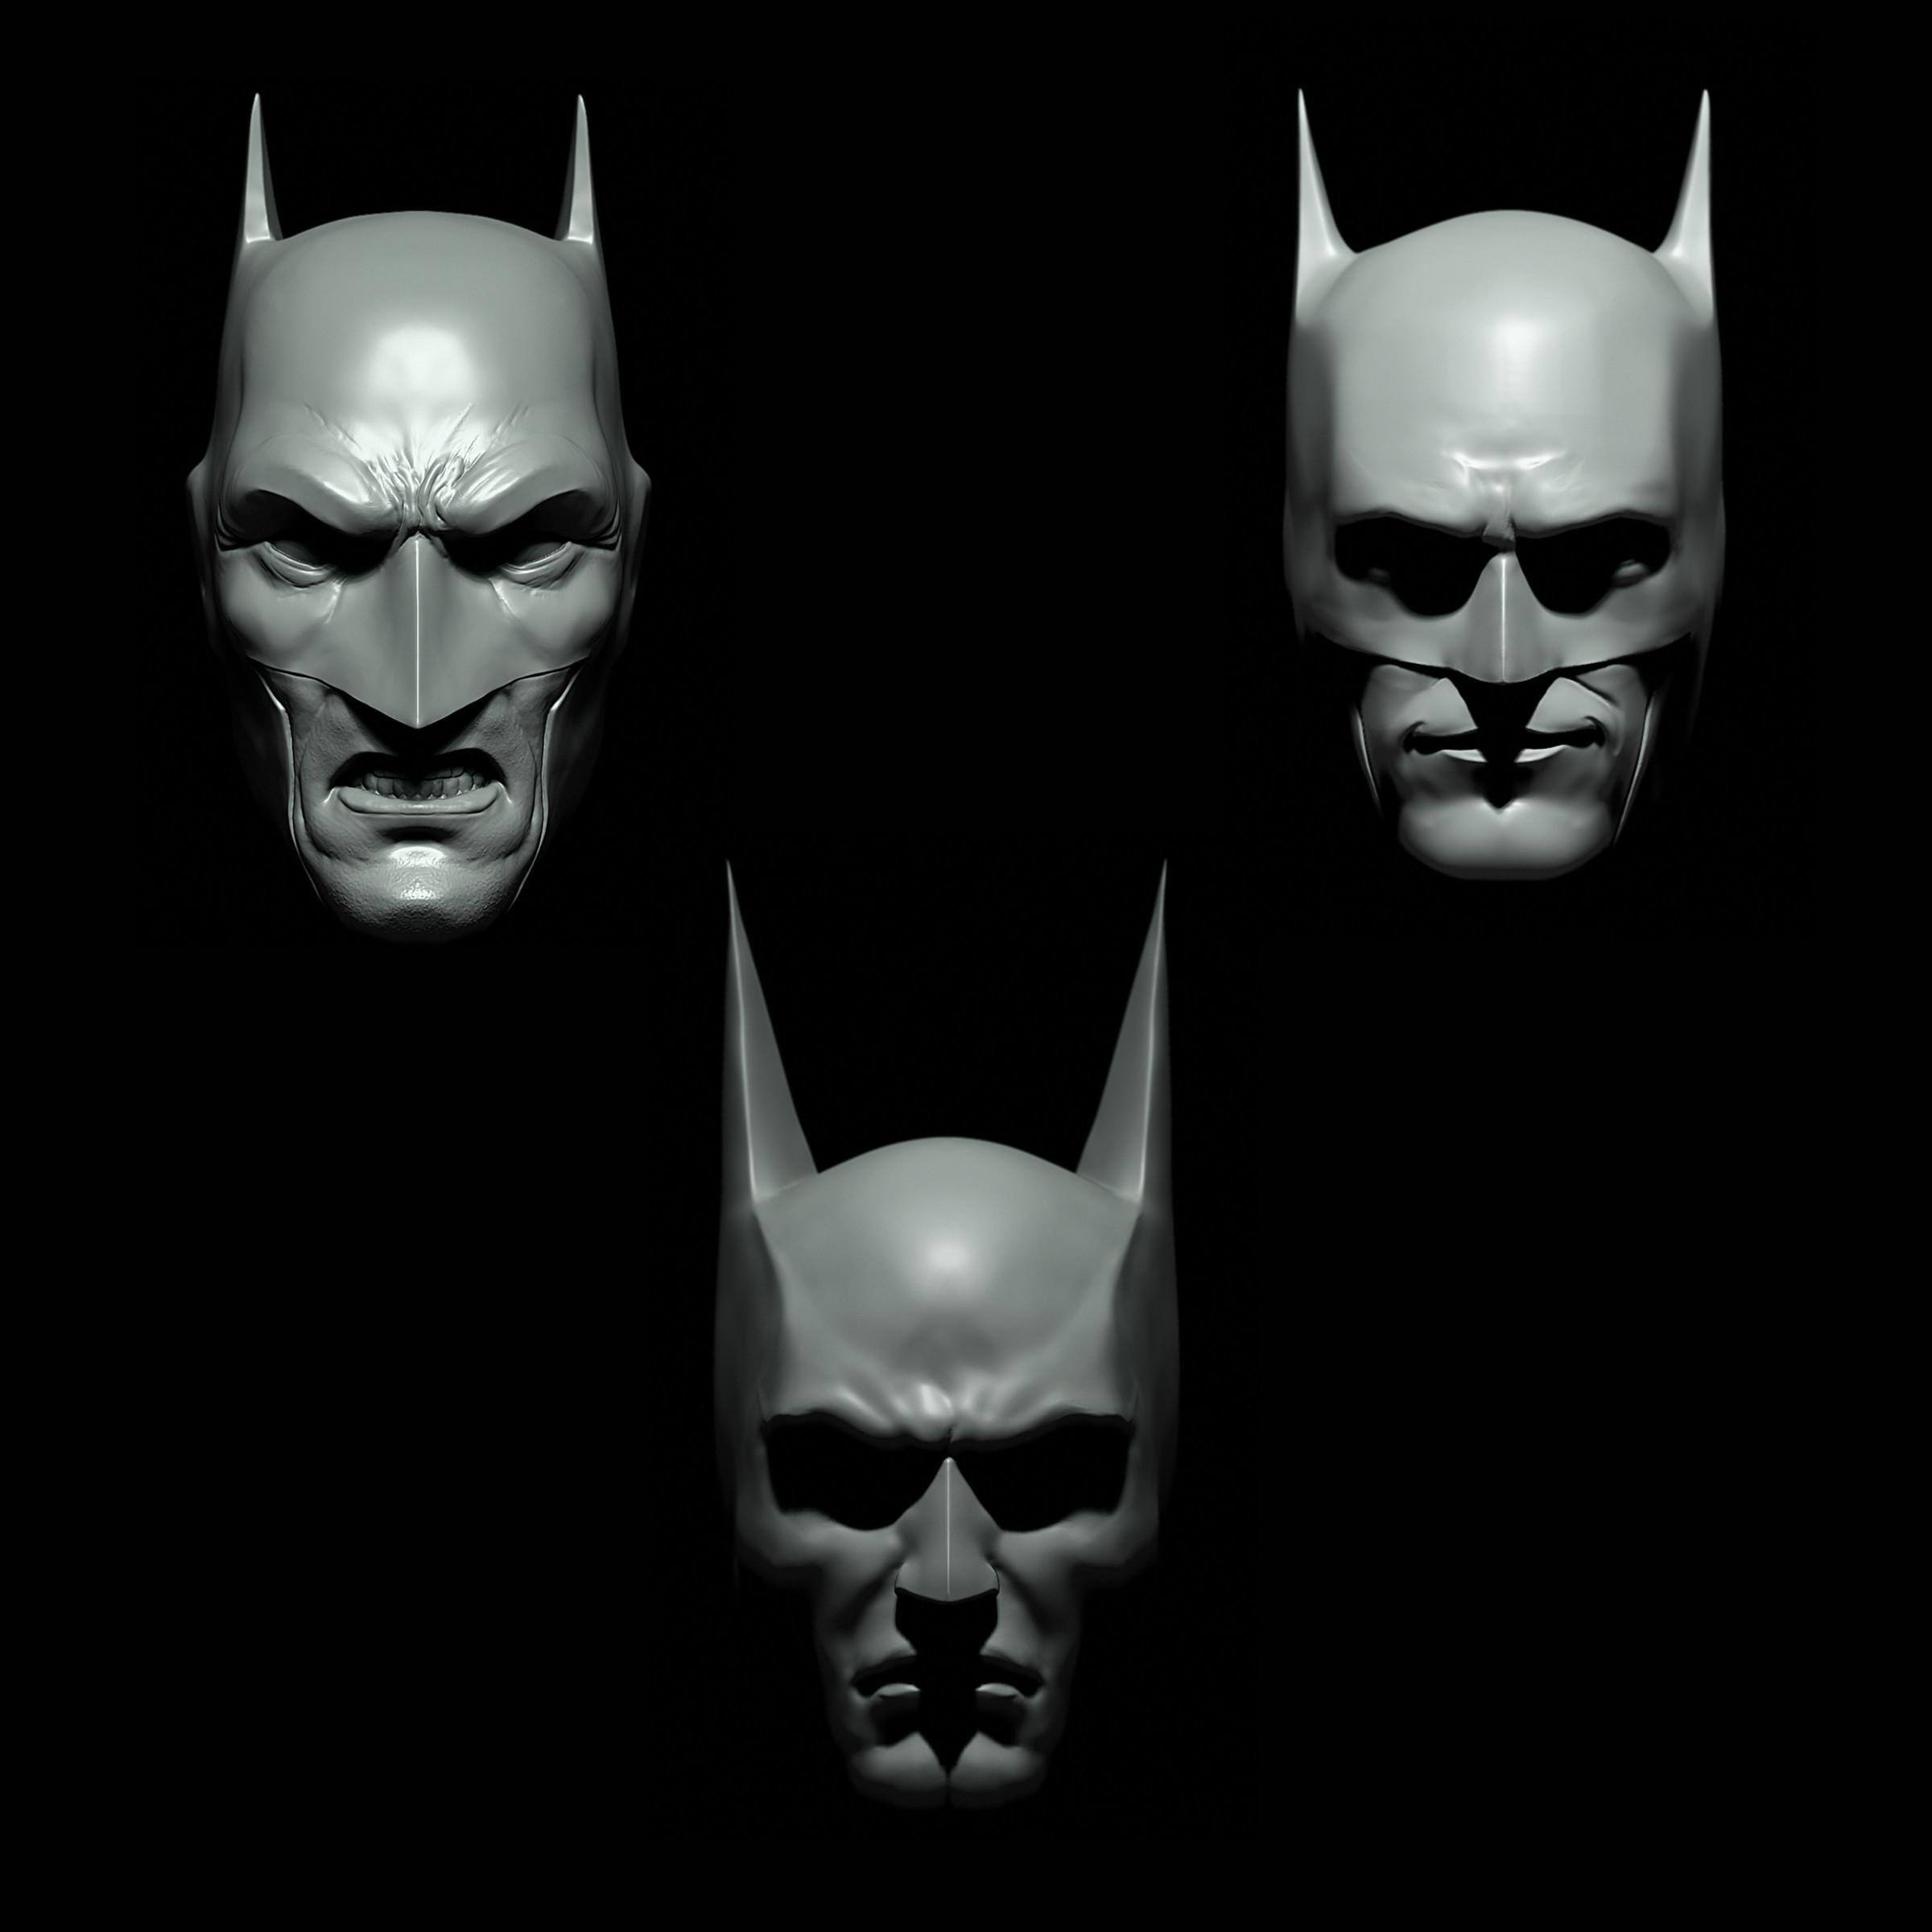 Gordon Batman/Dick Greyson Batman/Batman Beyond